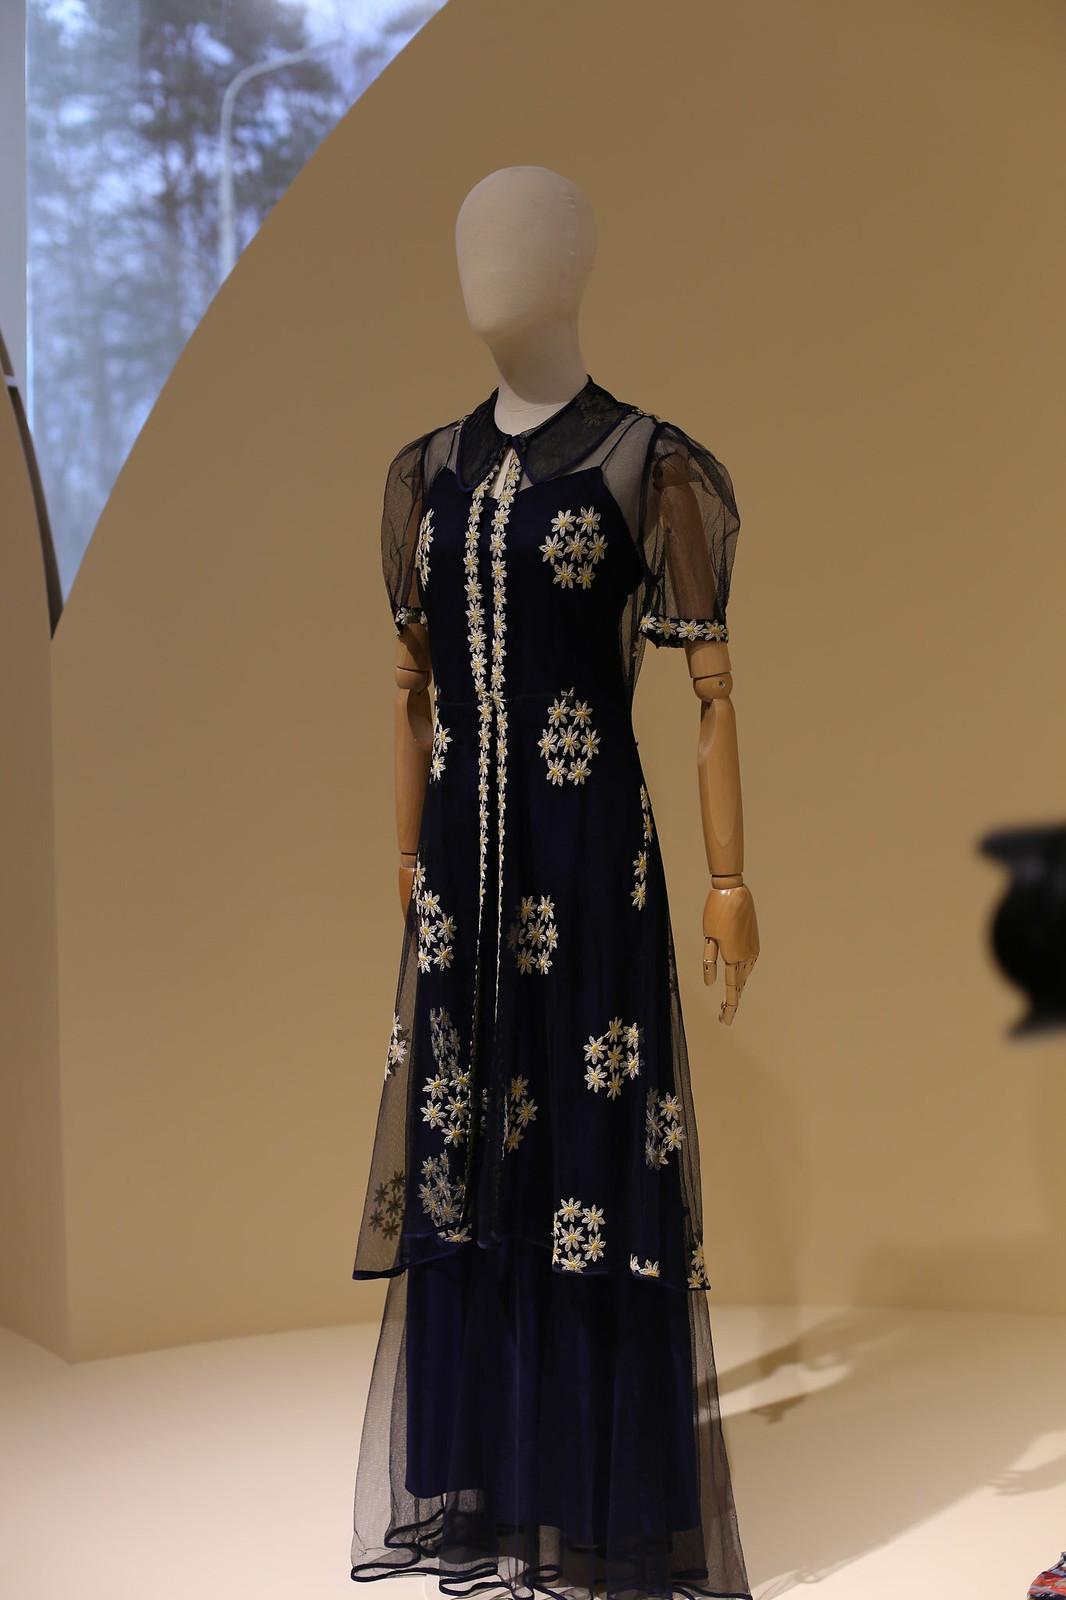 Вечернее платье из синего тюля, вышитое ромашками